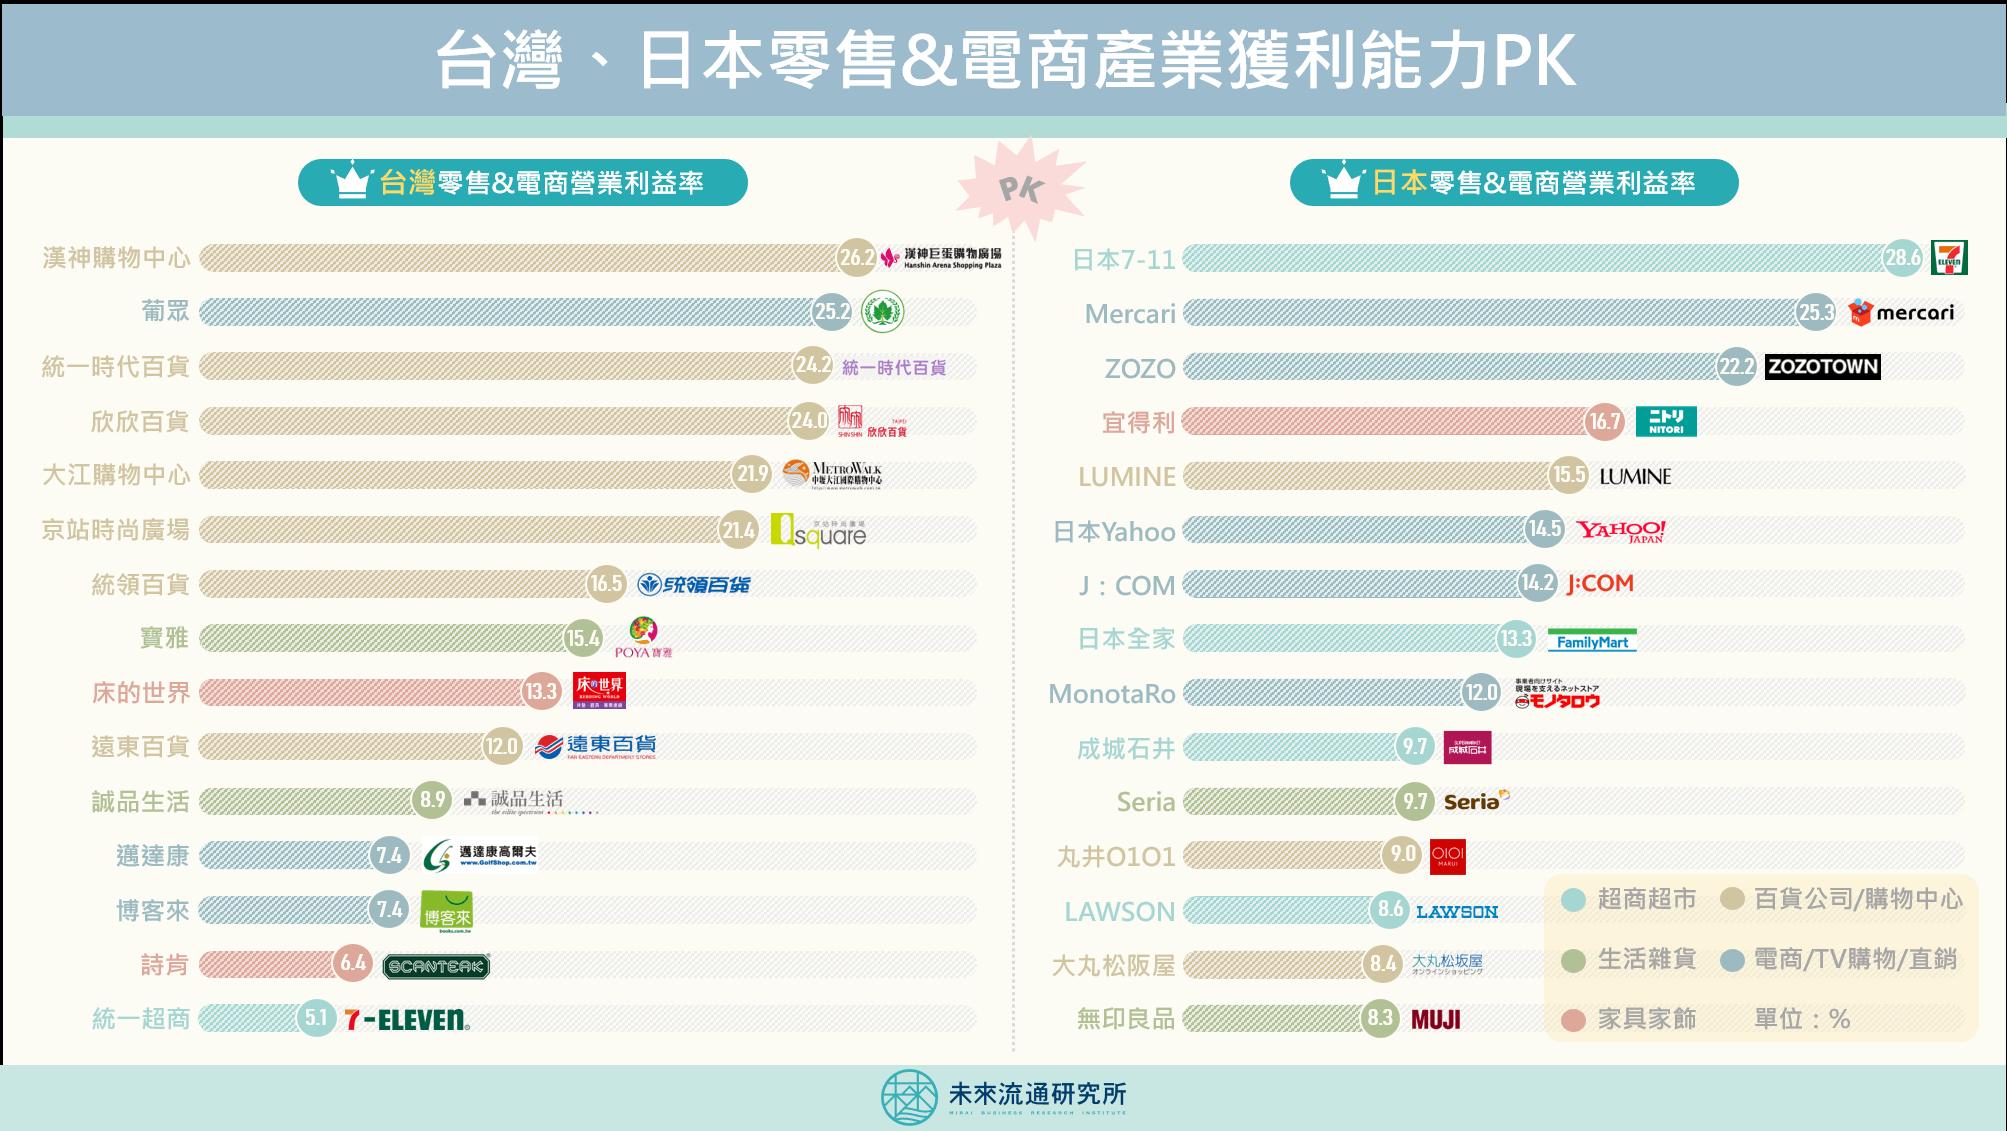 2020【商業數據圖解】台灣、日本零售&電商企業獲利能力PK